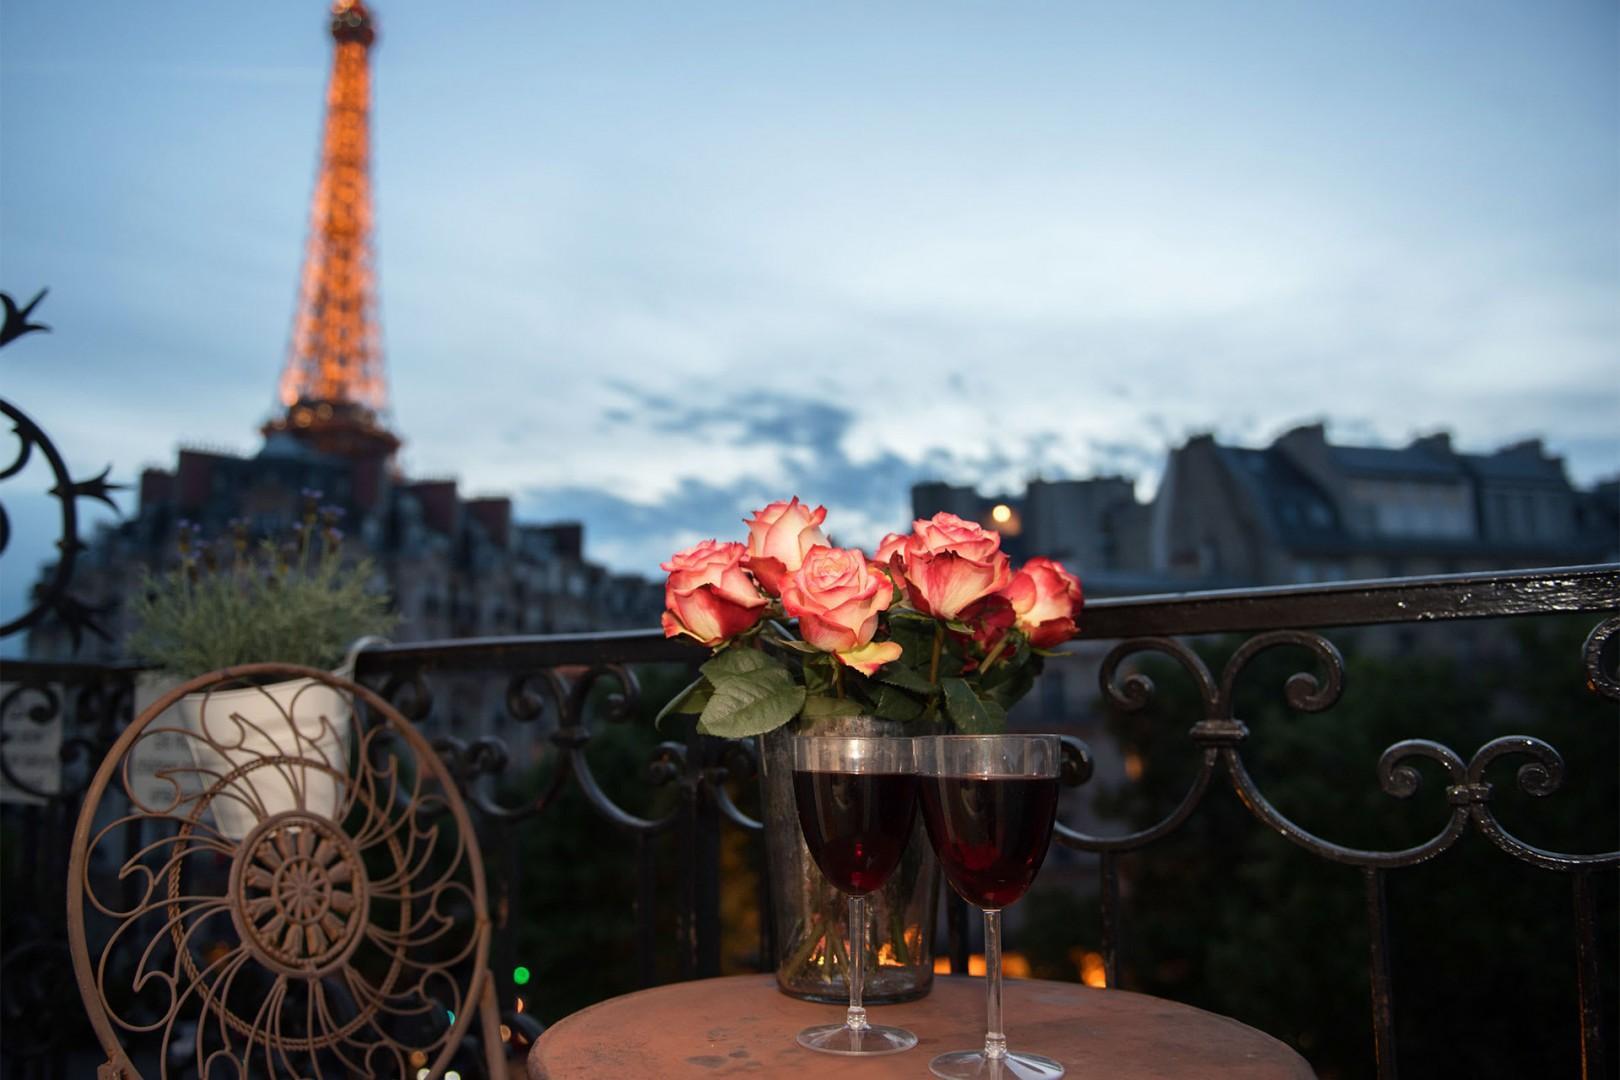 Enjoy romantic Parisian evenings on the balcony.